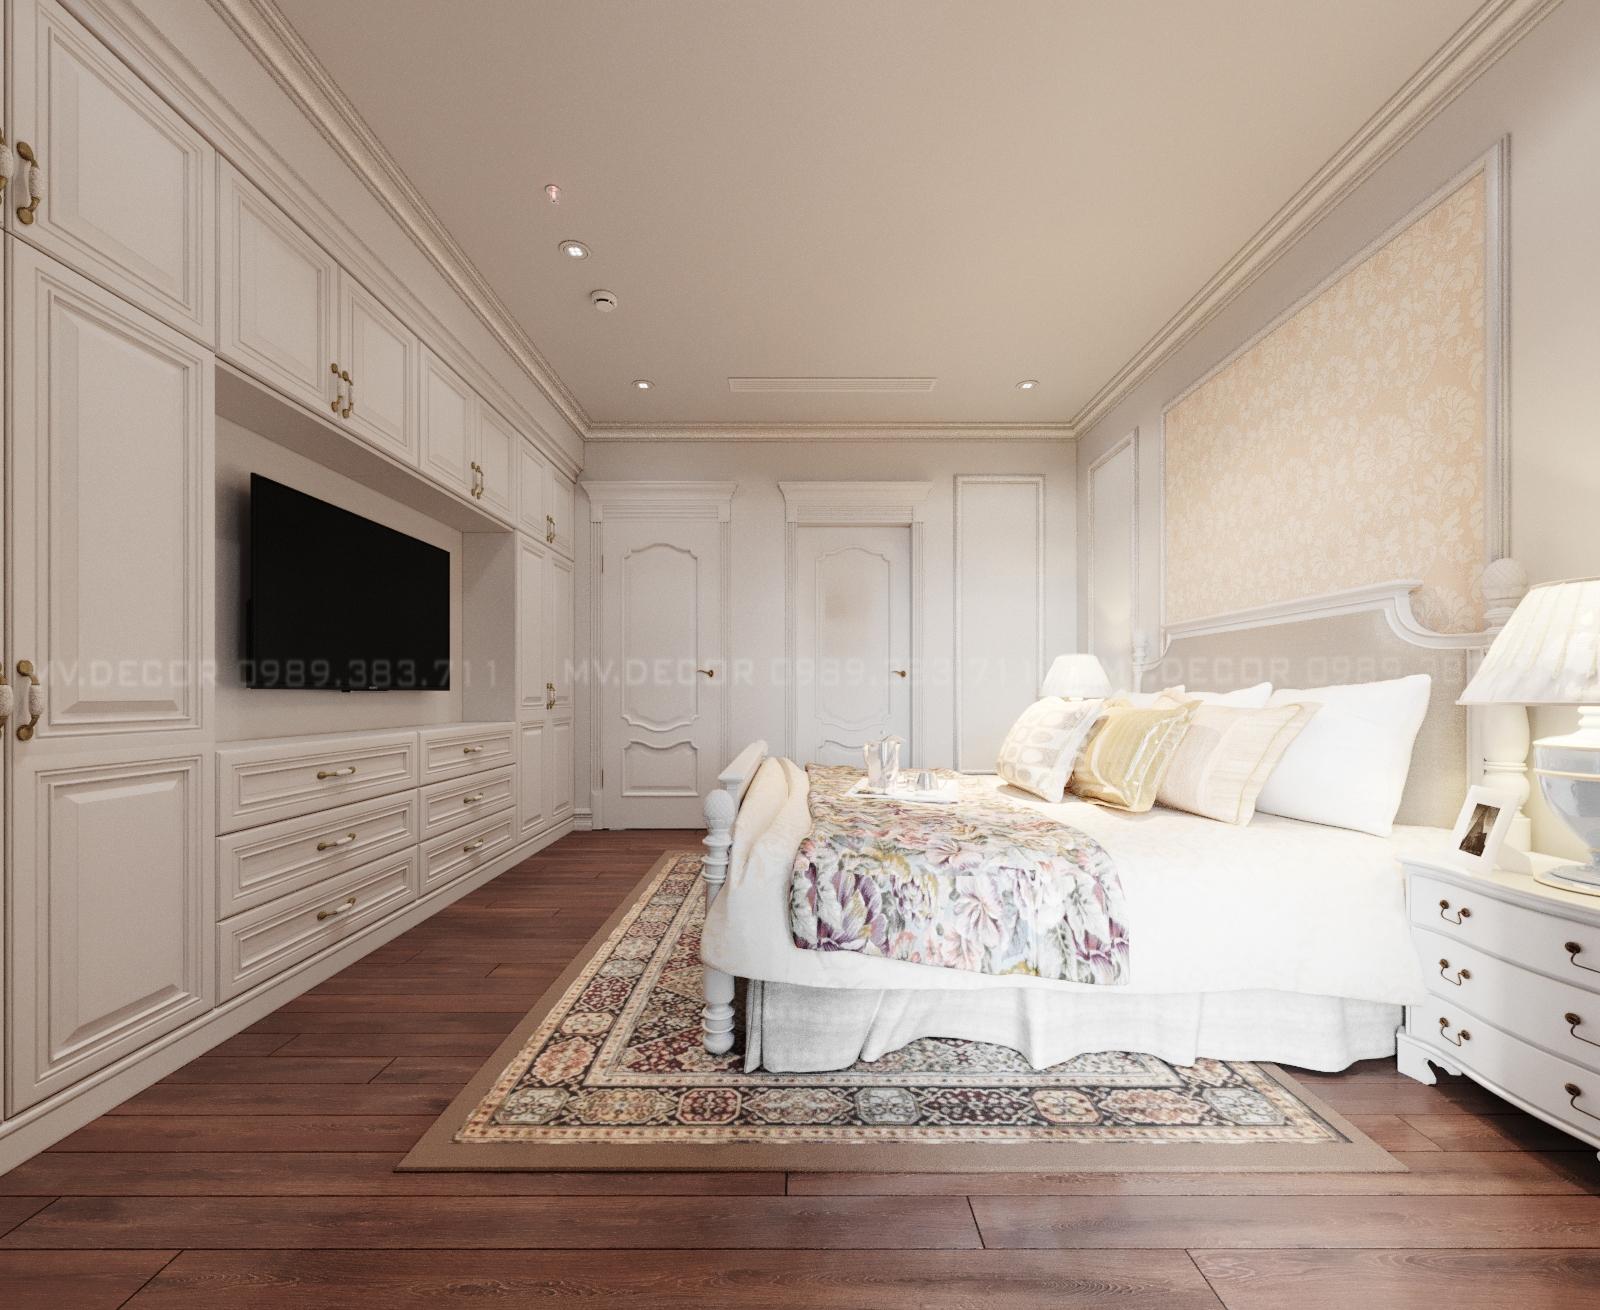 thiết kế nội thất Biệt Thự tại Hải Phòng BT VENICE 6-26 33 1564932022